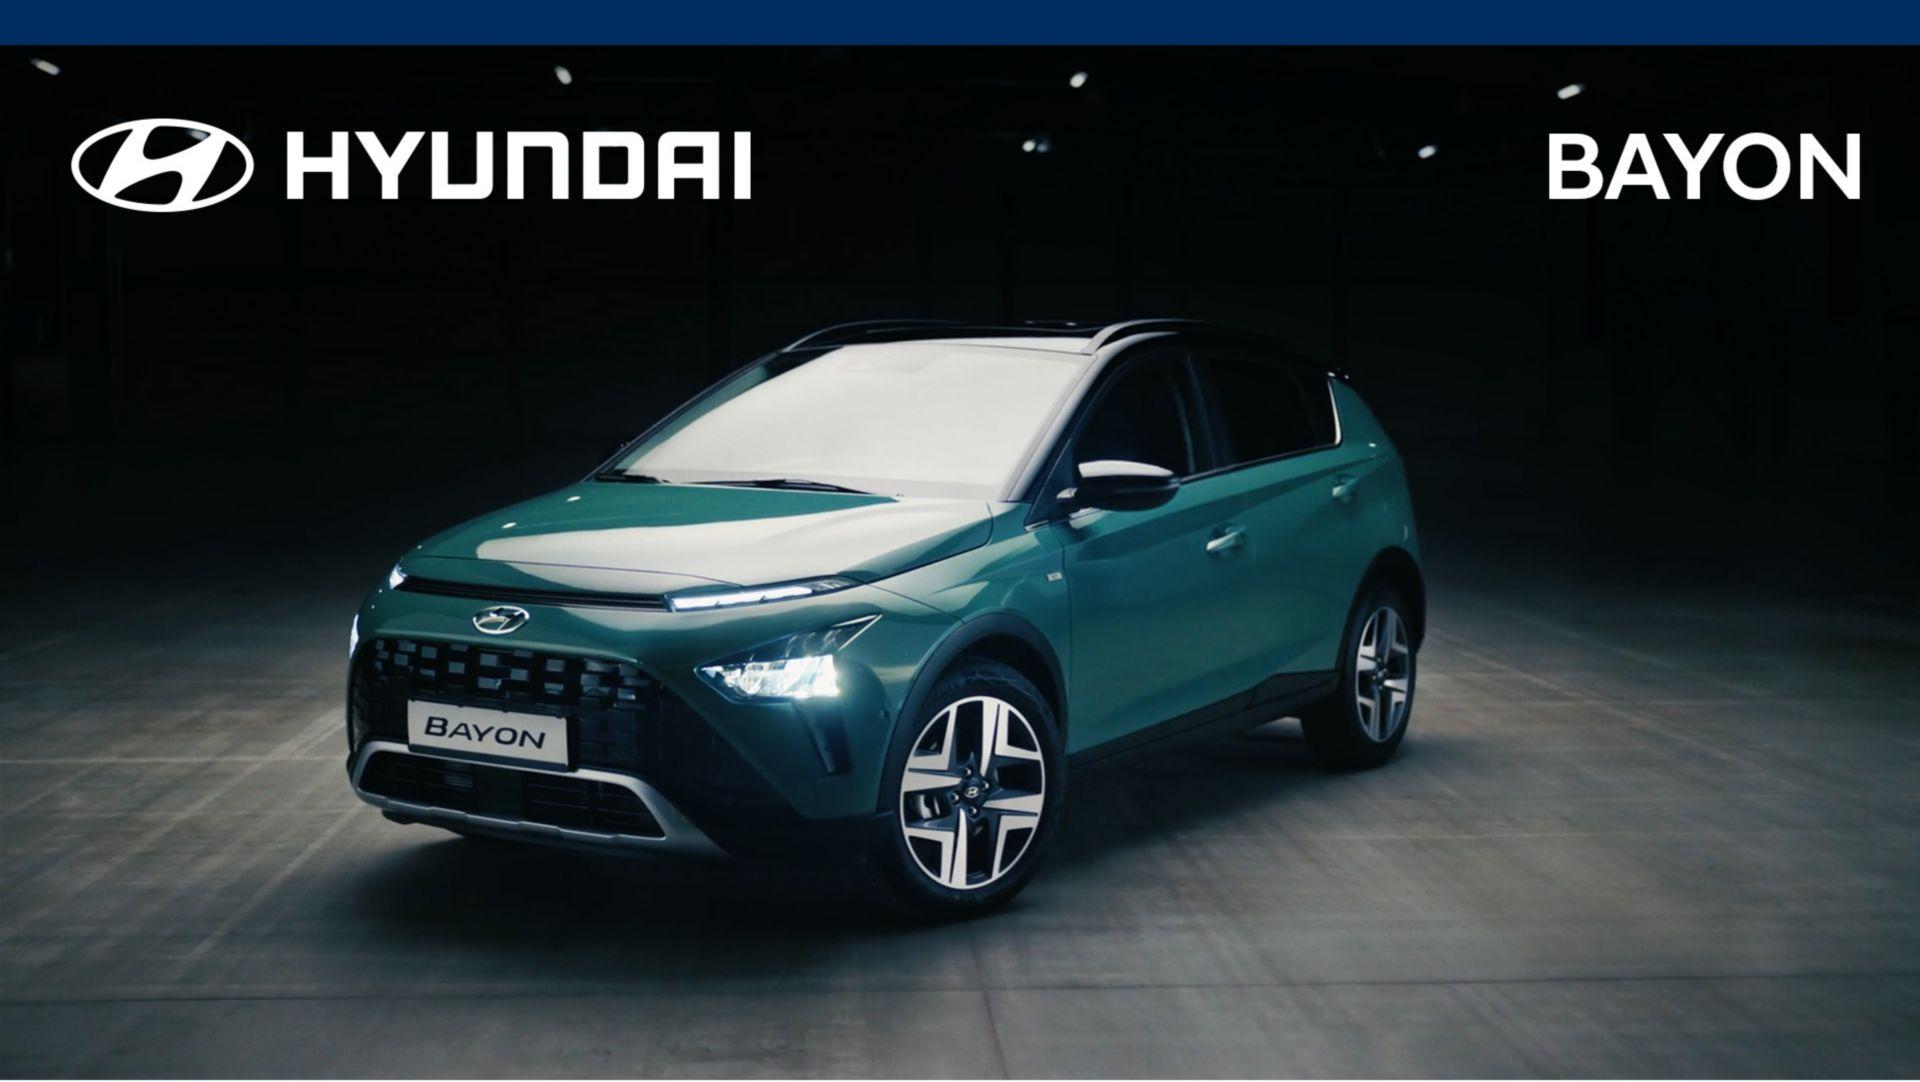 Potpuno novi BAYON najnoviji je - i najkompaktniji - član Hyundaijeve nagrađivane SUV obitelji.